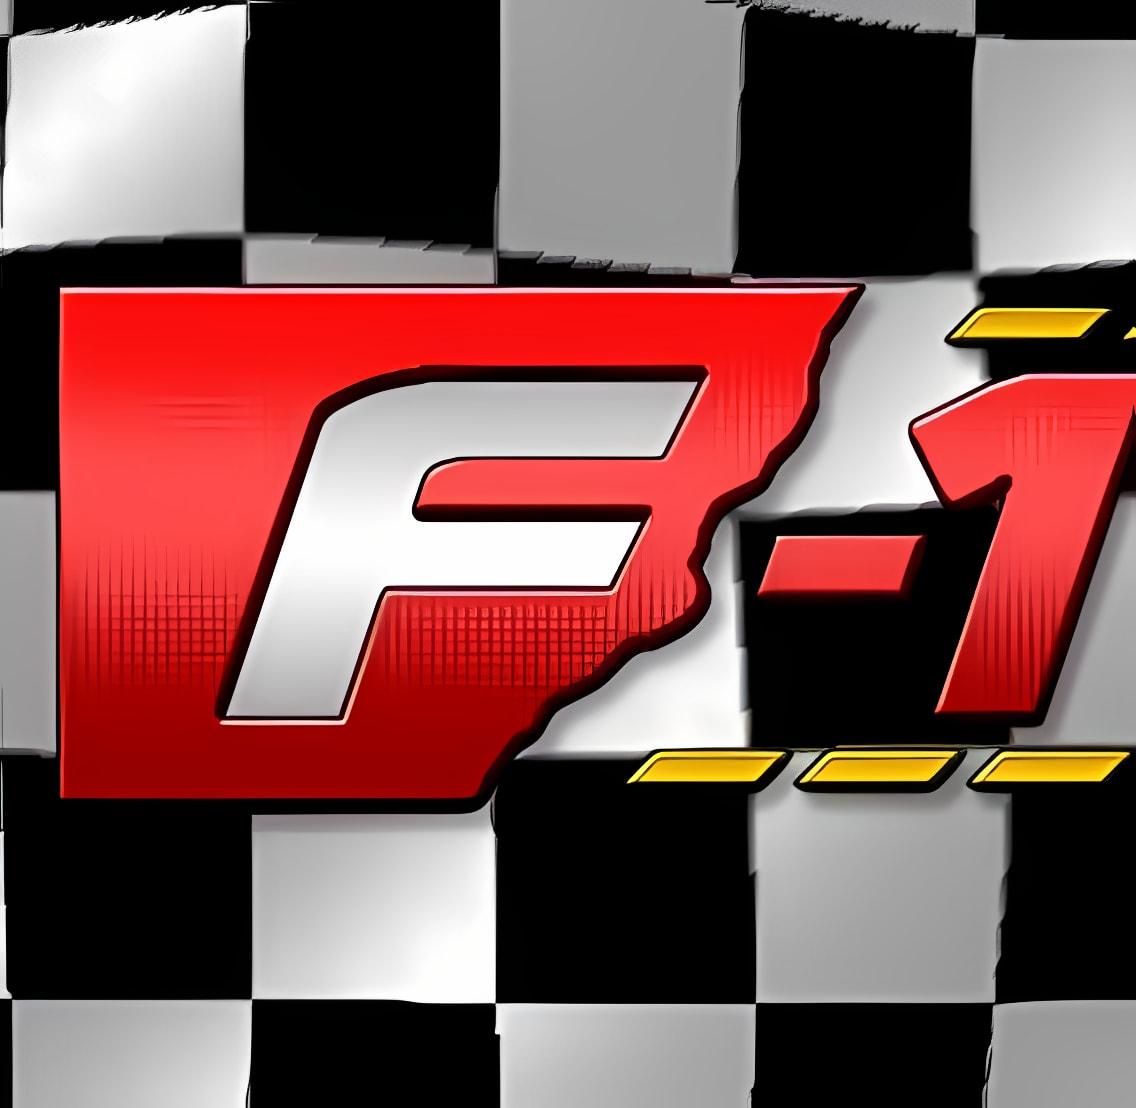 F-1 Spirit Remake